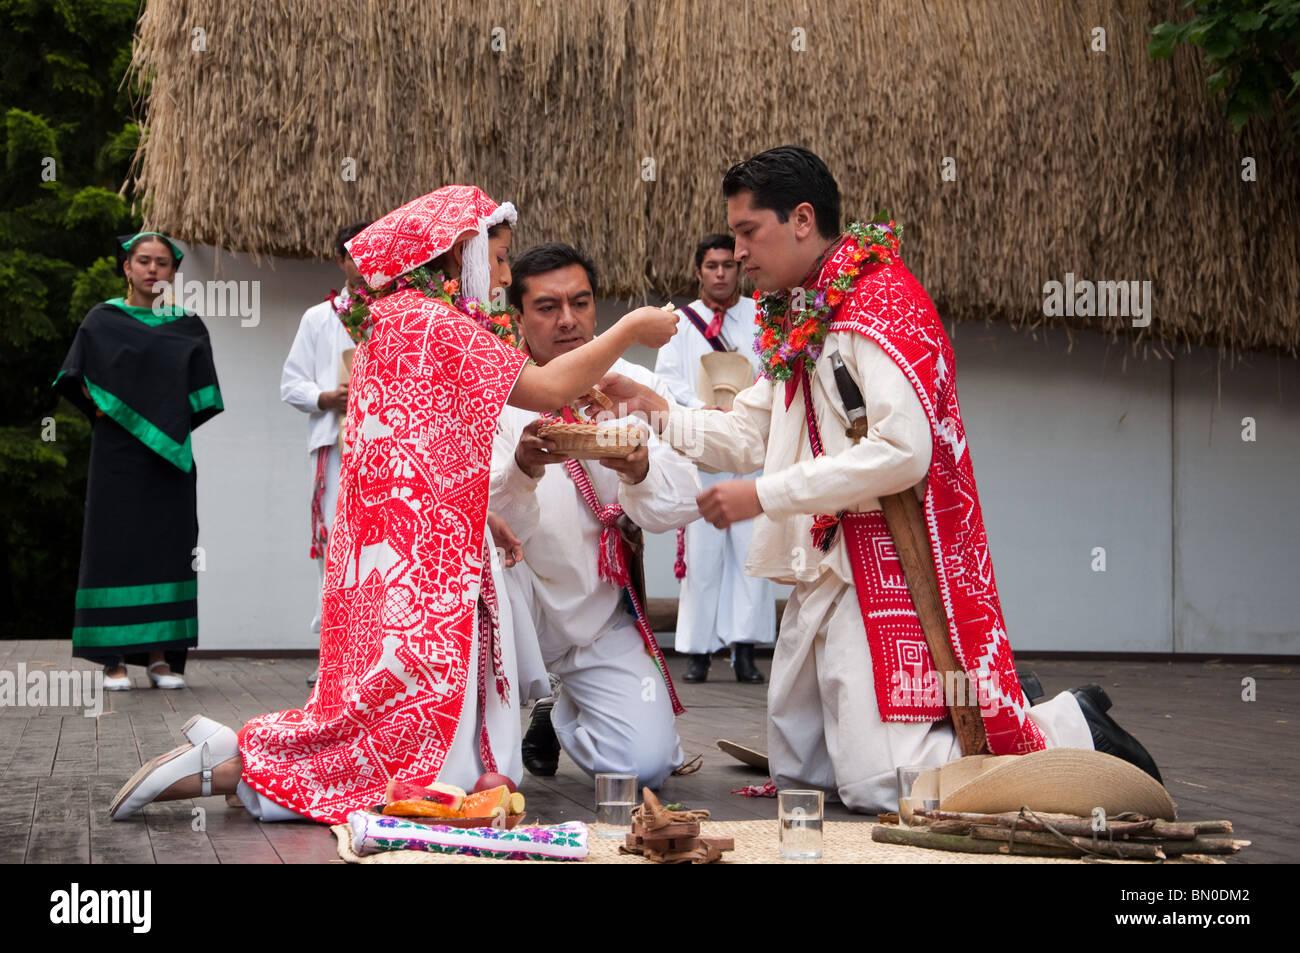 Wedding ceremony of Mexico. Cacatl, Escuela superior de danza foklorica Mexicana, Pue, Mexico. - Stock Image